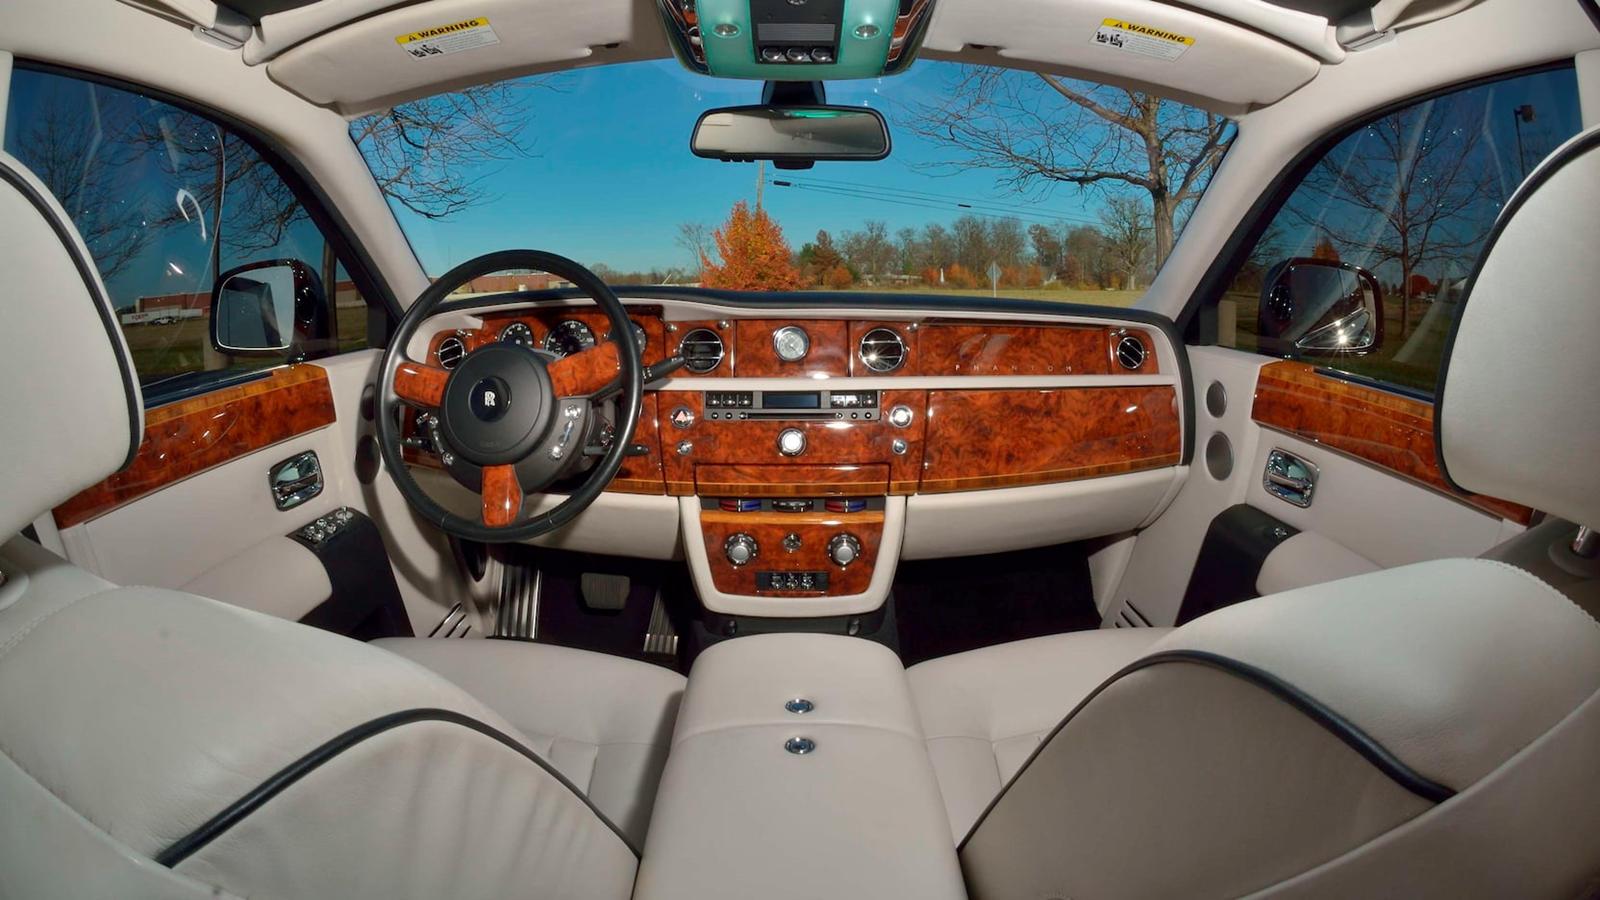 Он оснащен пакетом Theater Package, потрясающей опцией потолка со звездным небом, электрическими оконными шторами и несколькими другими элементами RR. Этот конкретный автомобиль ранее продавался за 145000 долларов в 2018 году, но, учитывая высокий ст